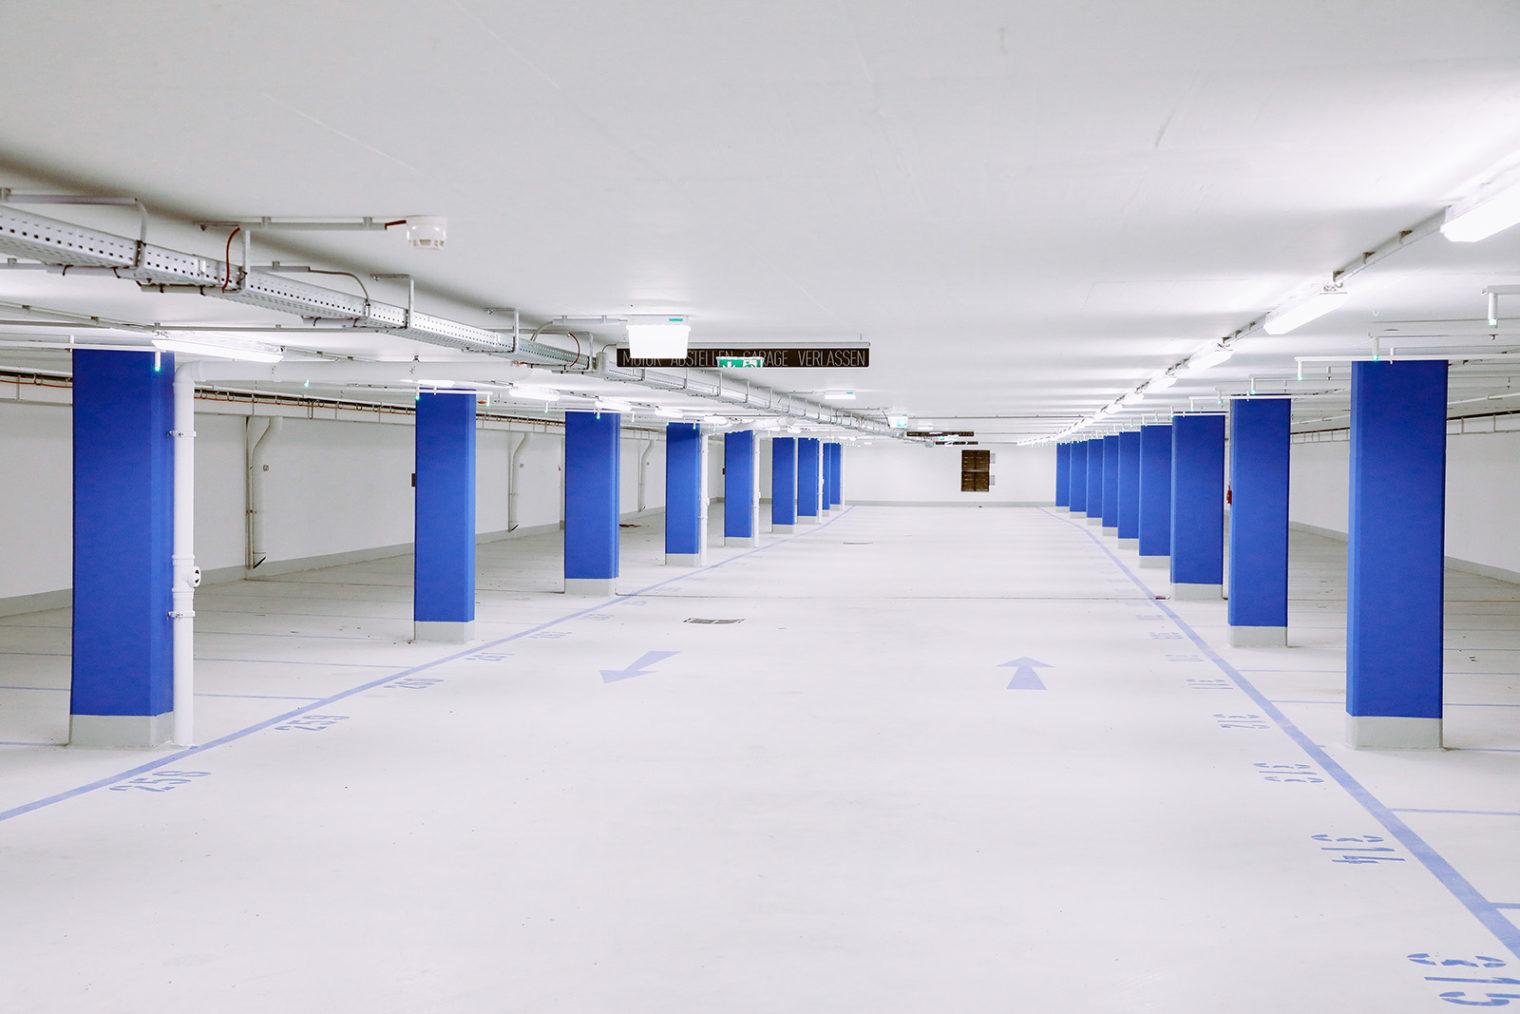 Main square underground car park